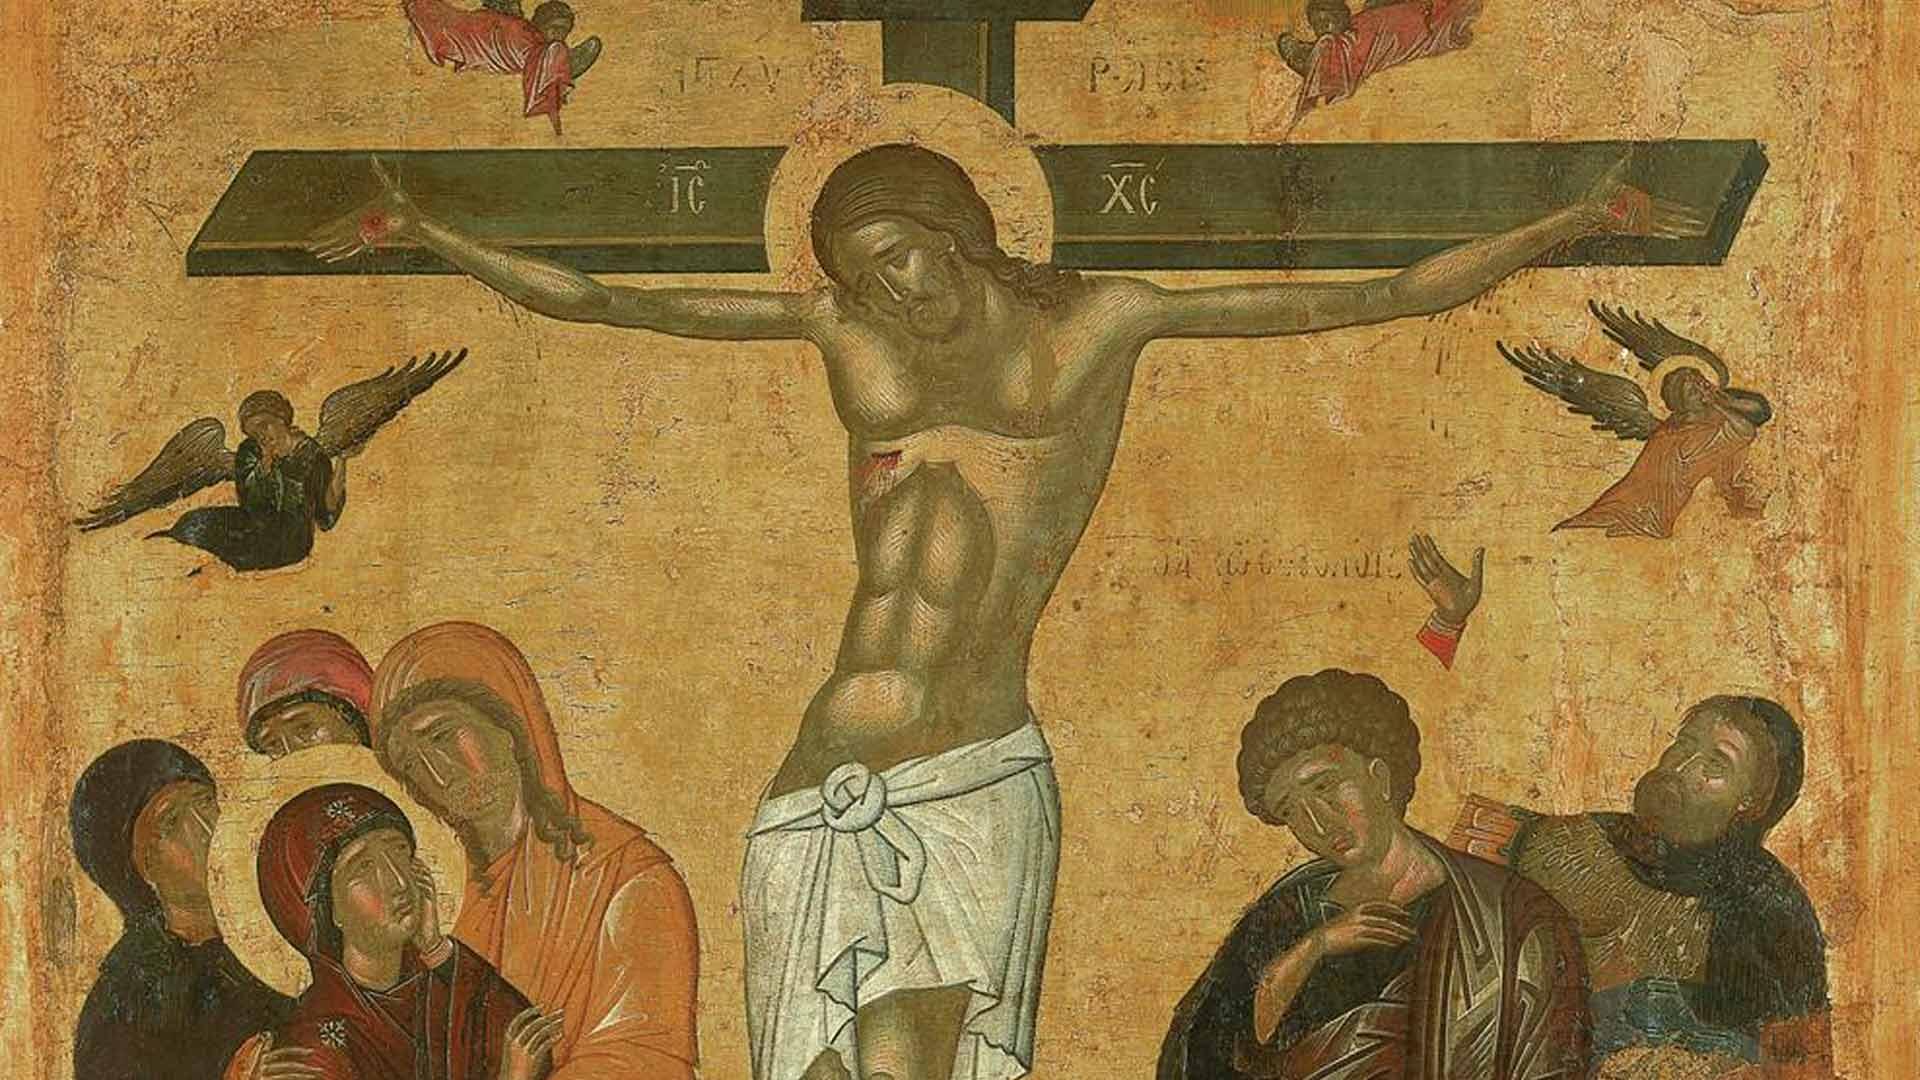 Η Ελευθερία του Σταυρού - Θεολογικά Κείμενα - Θεολογία - Απαρχή